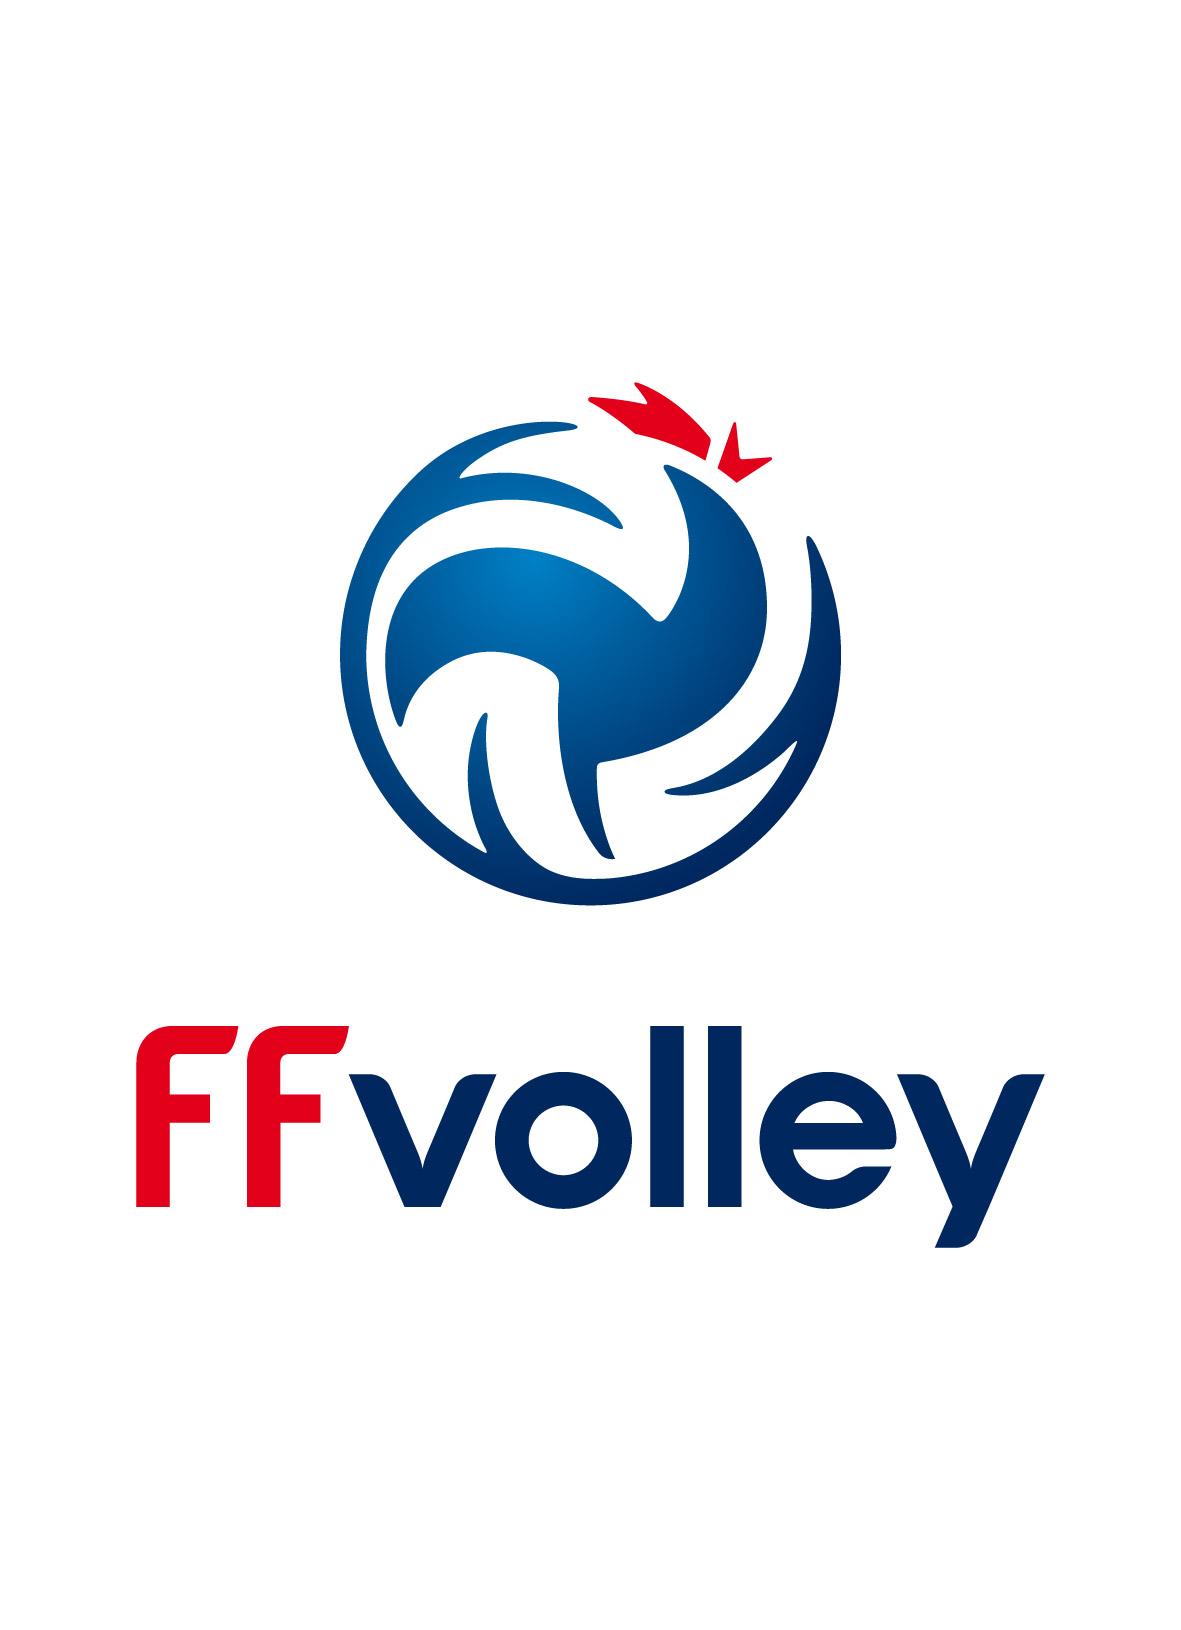 FFolley